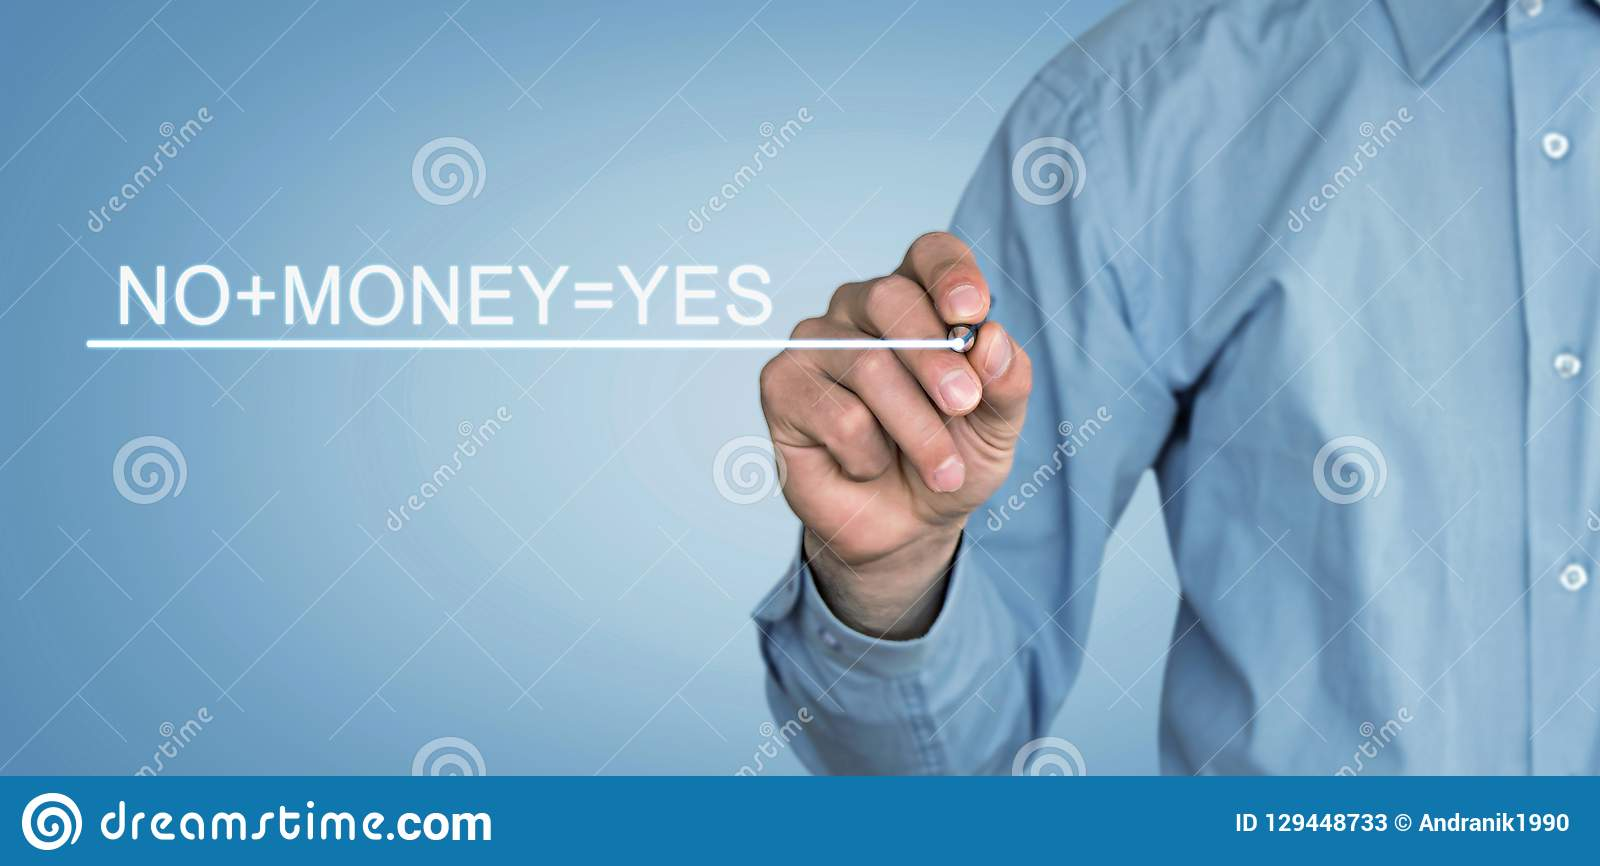 El hombre escribe el texto de No+Money=Yes en la pantalla